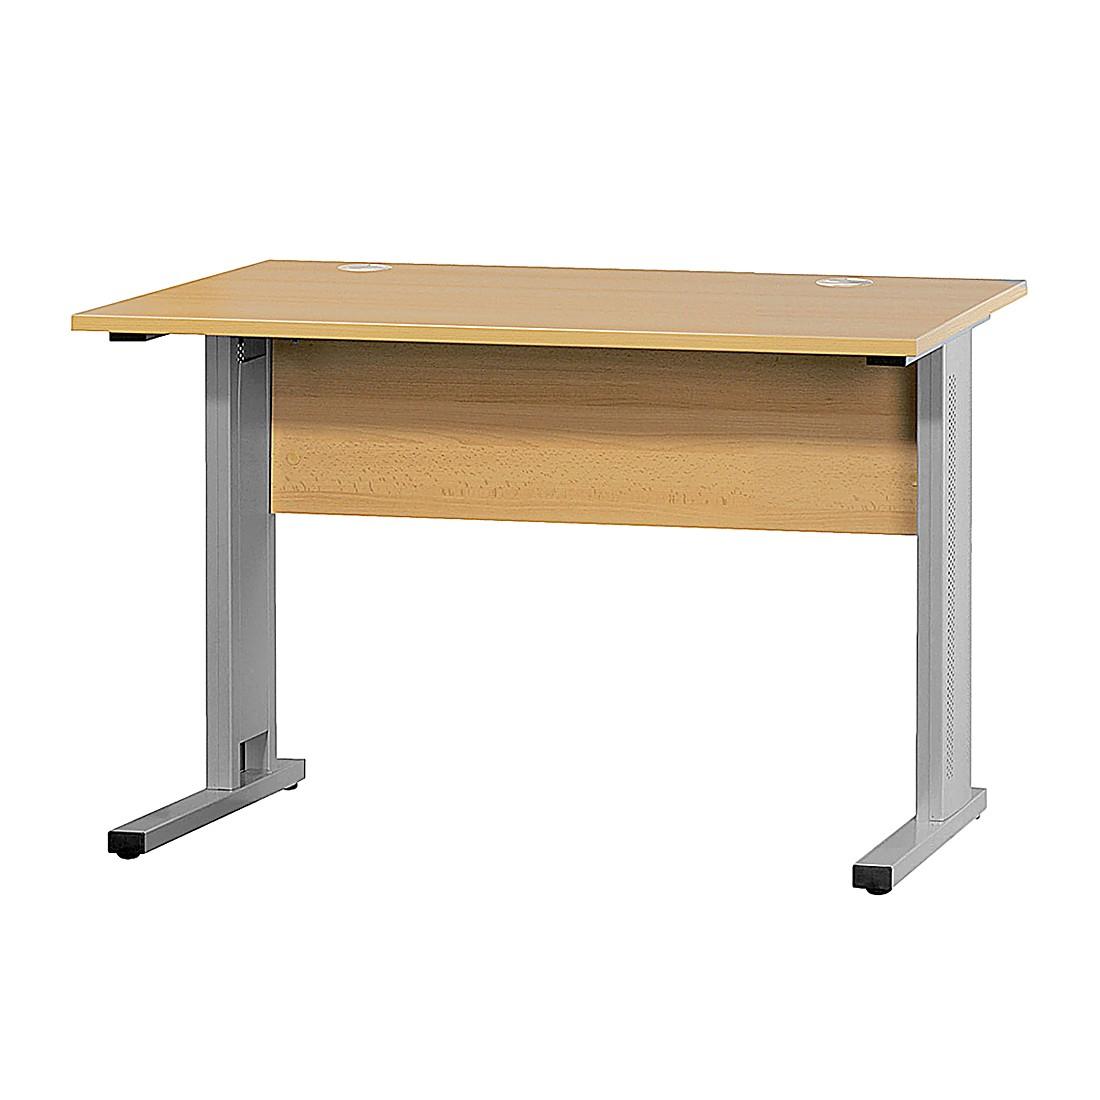 Redline schreibtisch rechteck trend buche dekor 160x80cm for Schreibtisch buche 120 x 60